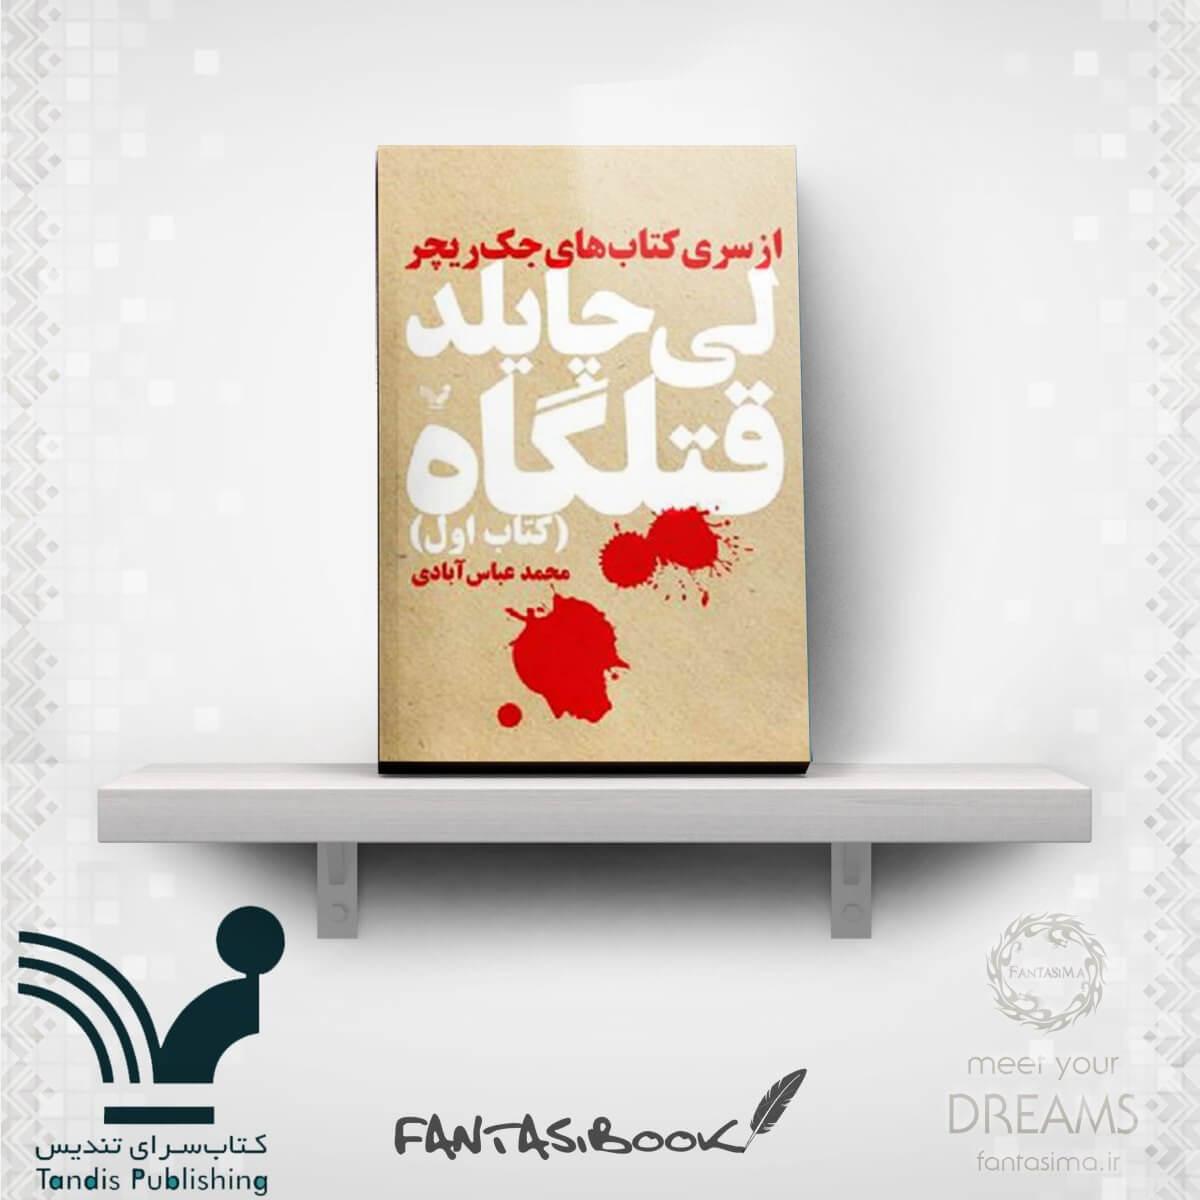 کتاب جک ریچر - جلد 01 - قتلگاه